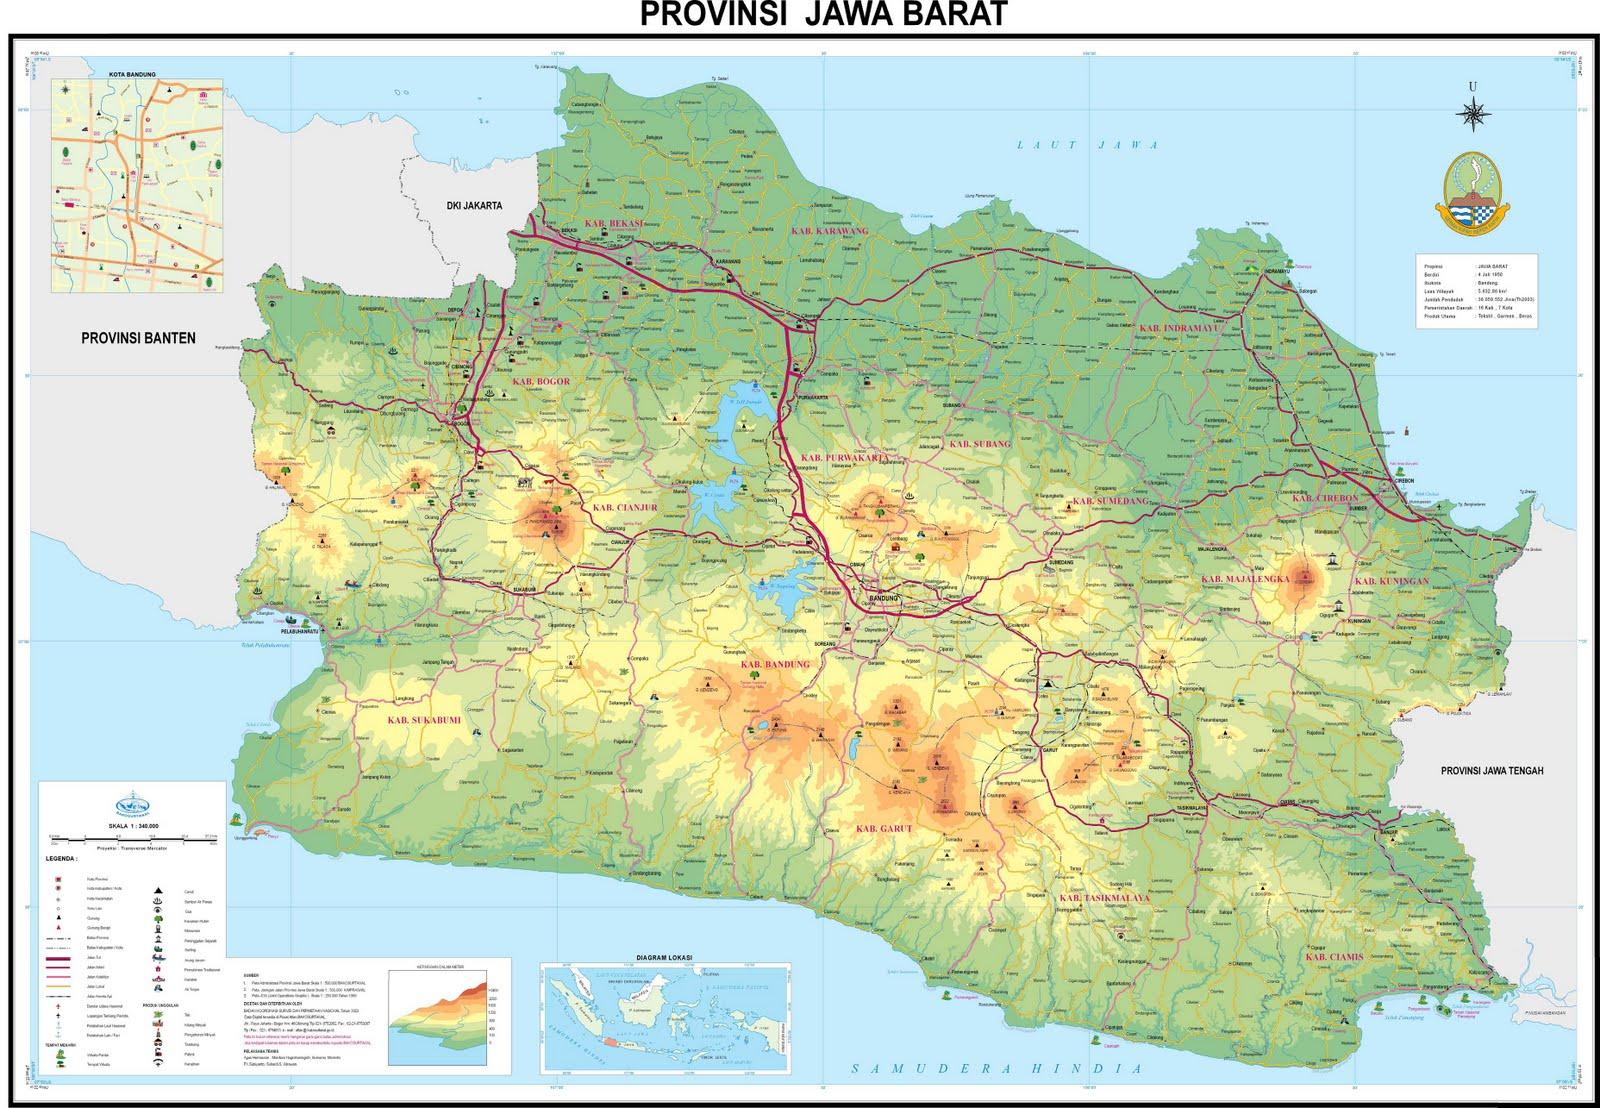 Peta Provinsi Jawa Barat ...